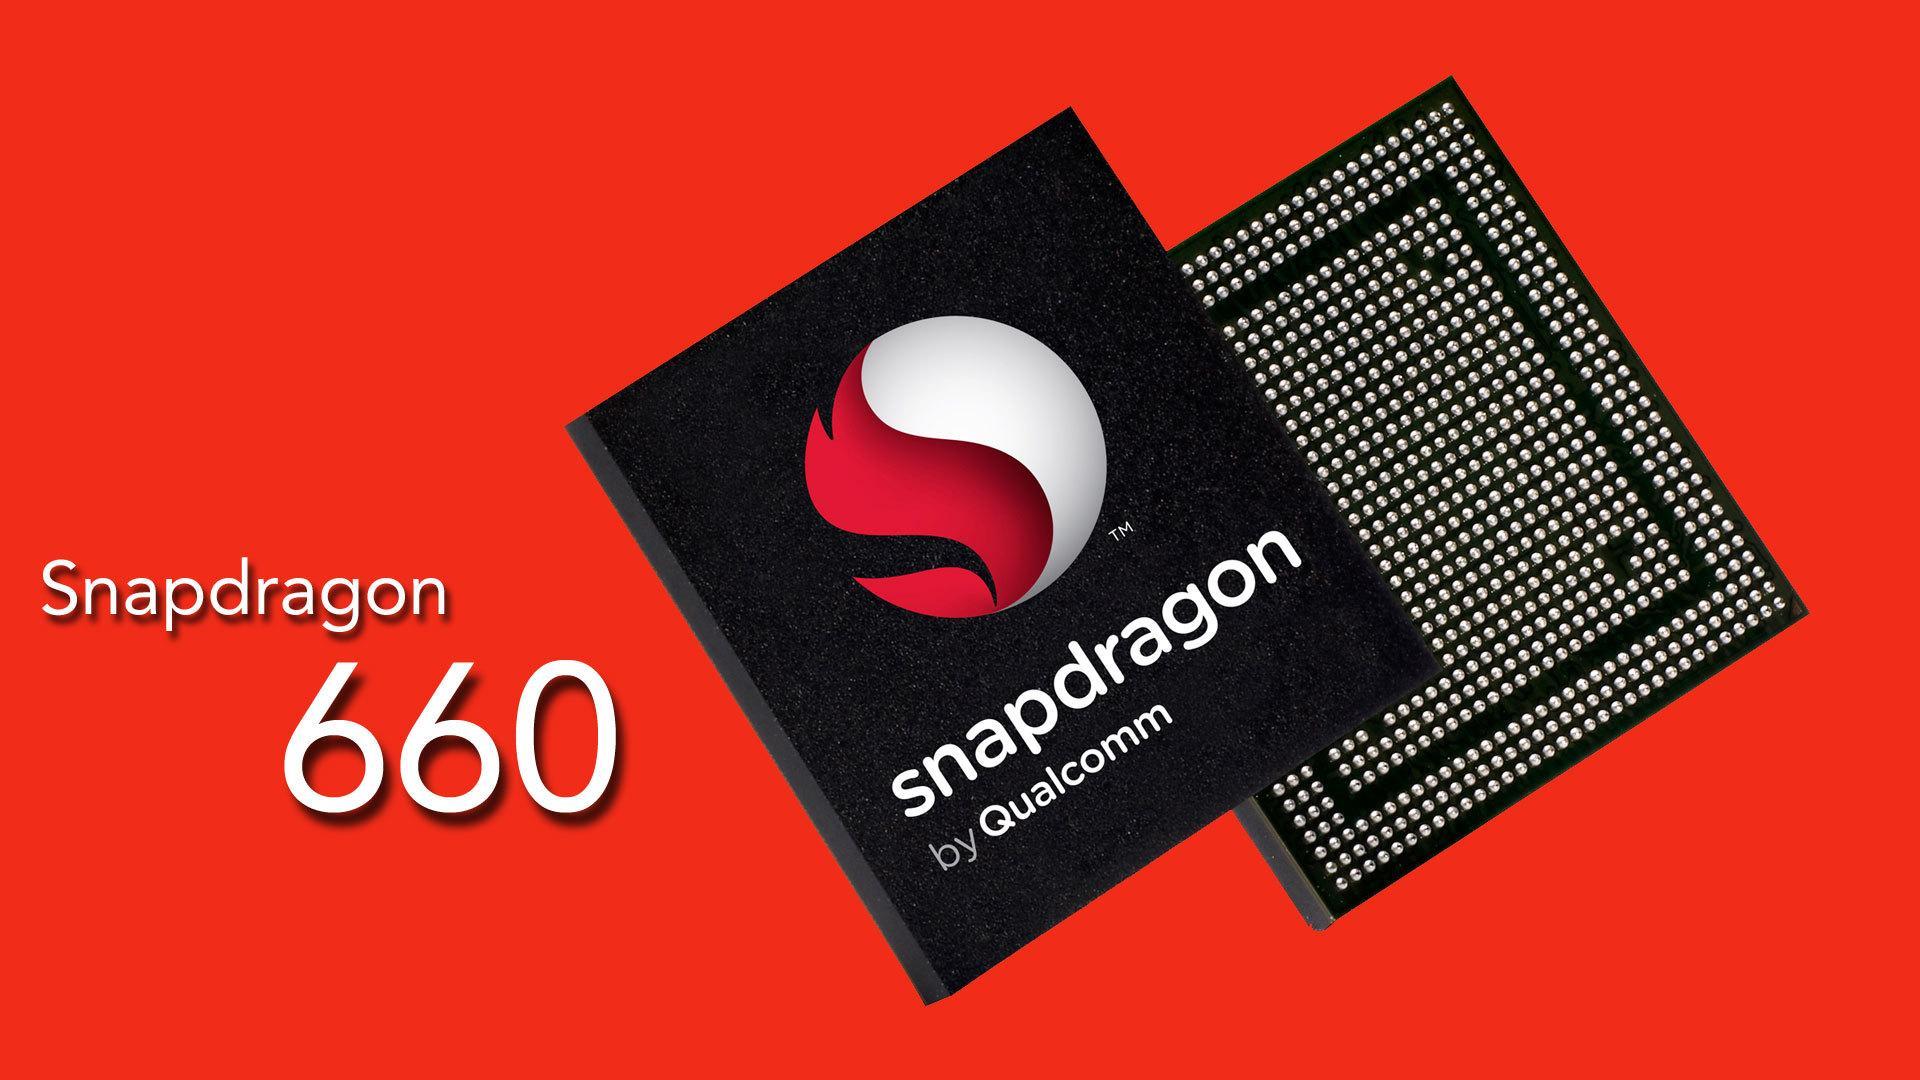 Se etter «660» hvis du vil ha en kraftig mobil, men vil spare penger